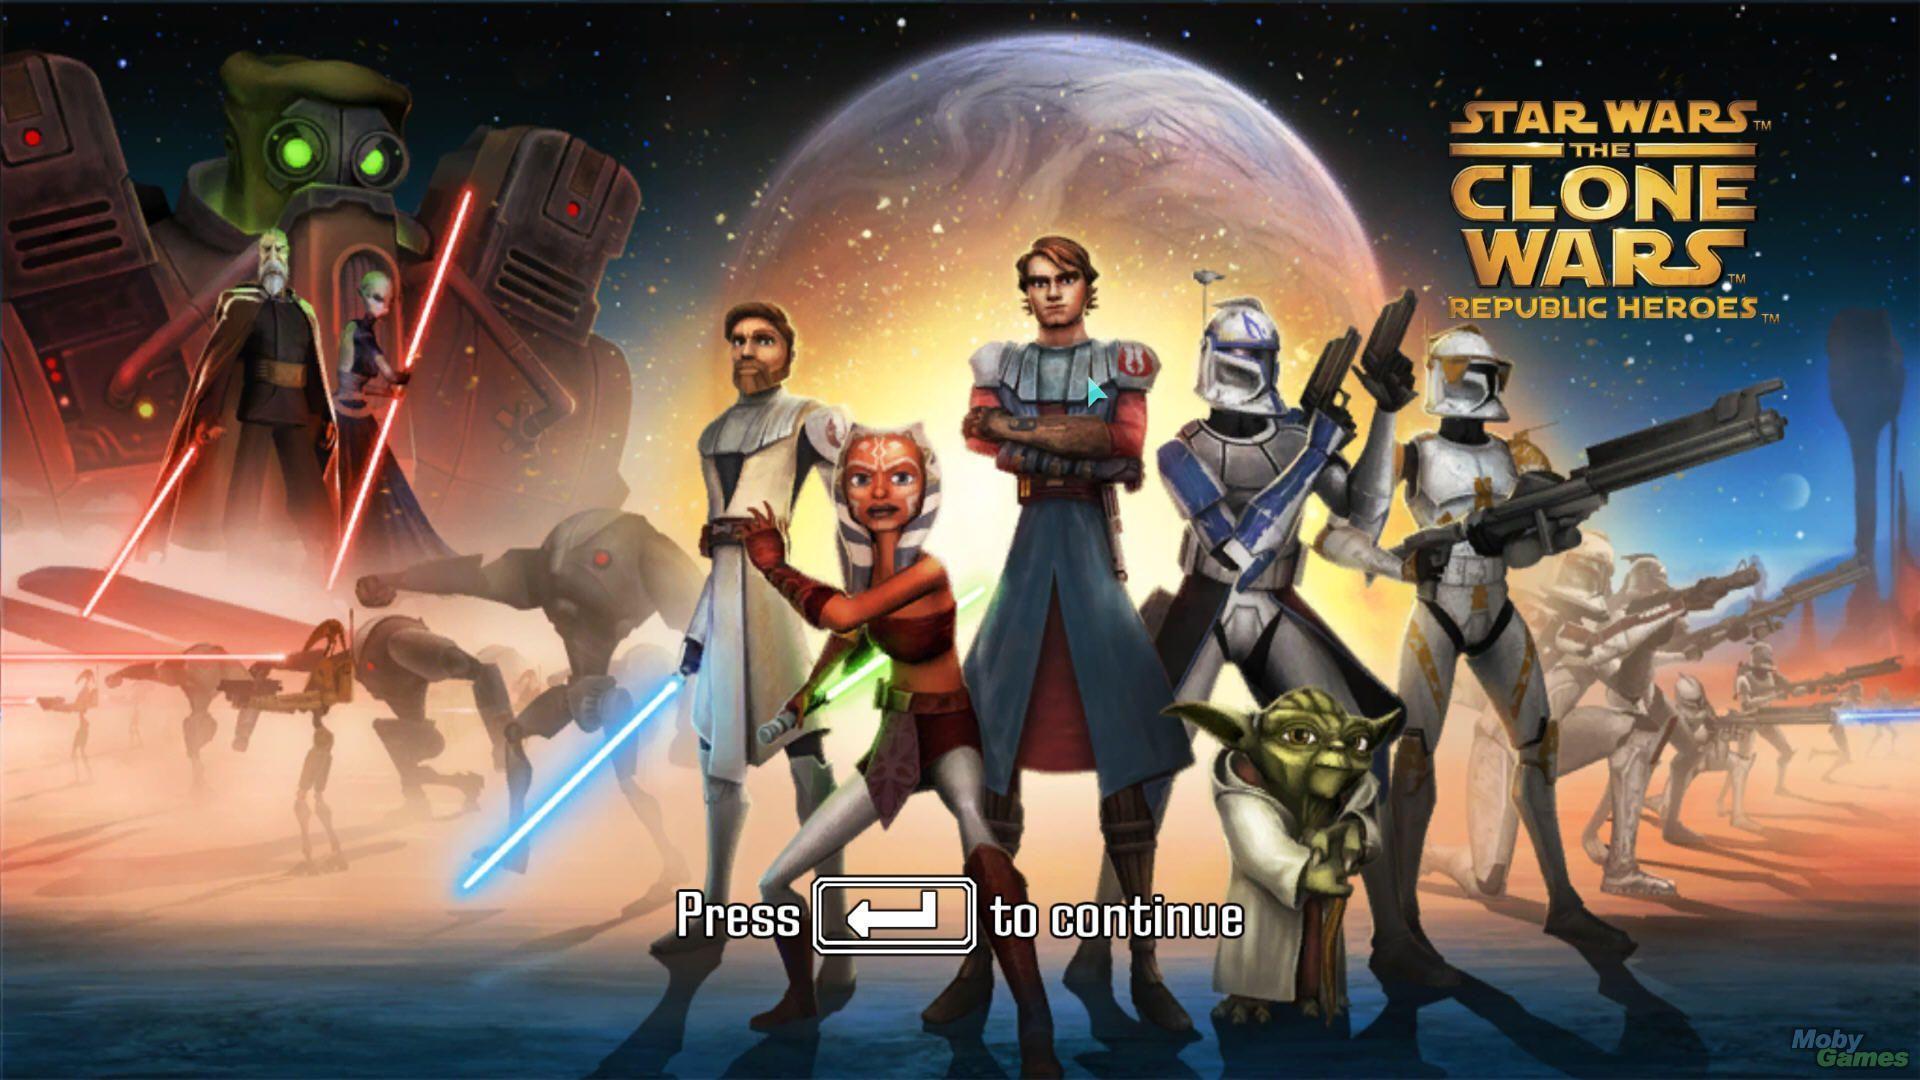 Star Wars Clone Wars Wallpapers 1920x1080